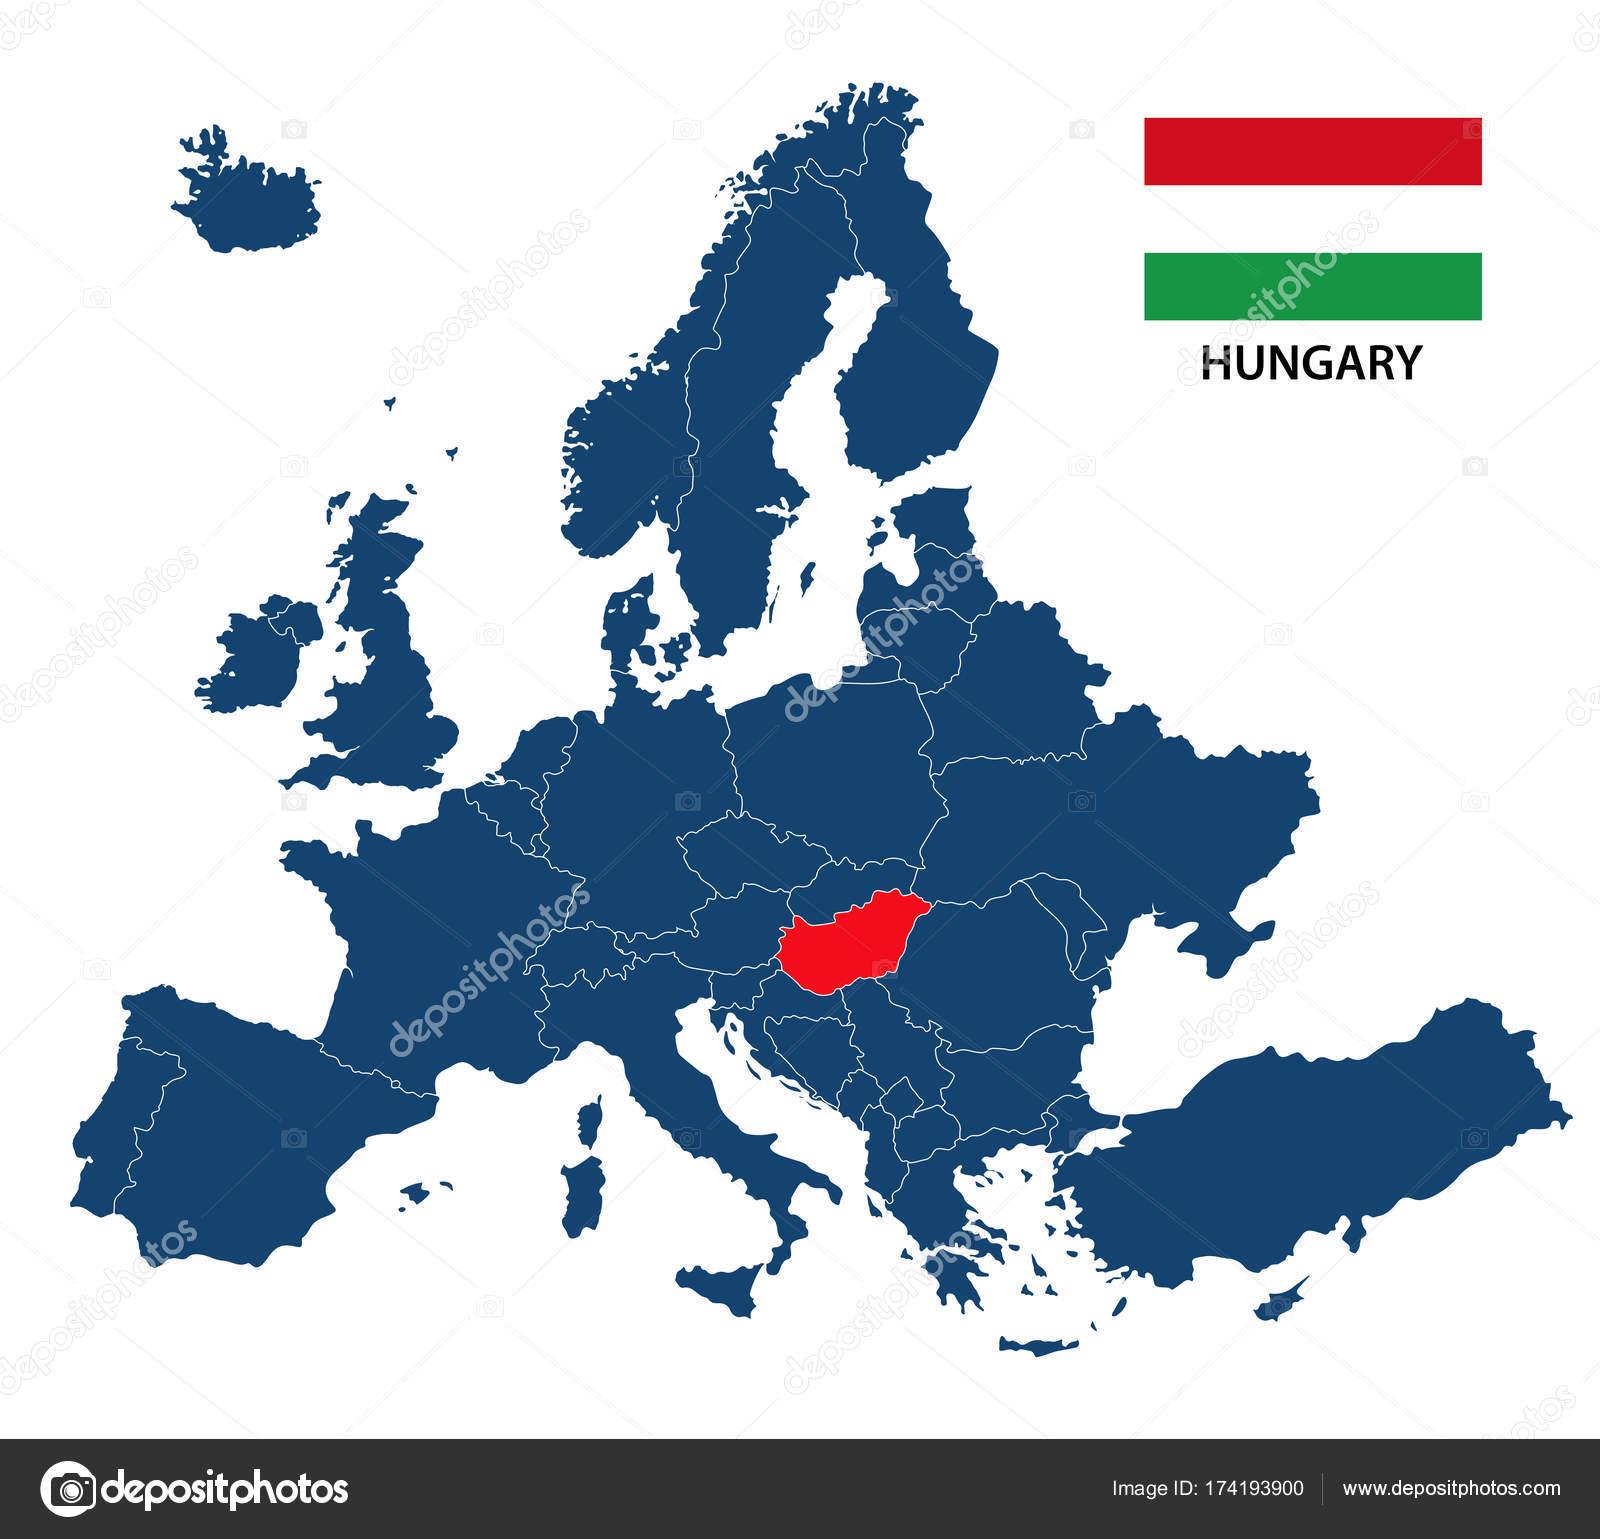 európa térkép magyarország Vektoros illusztráció a Térkép Európa Kiemelt Magyarország és a  európa térkép magyarország